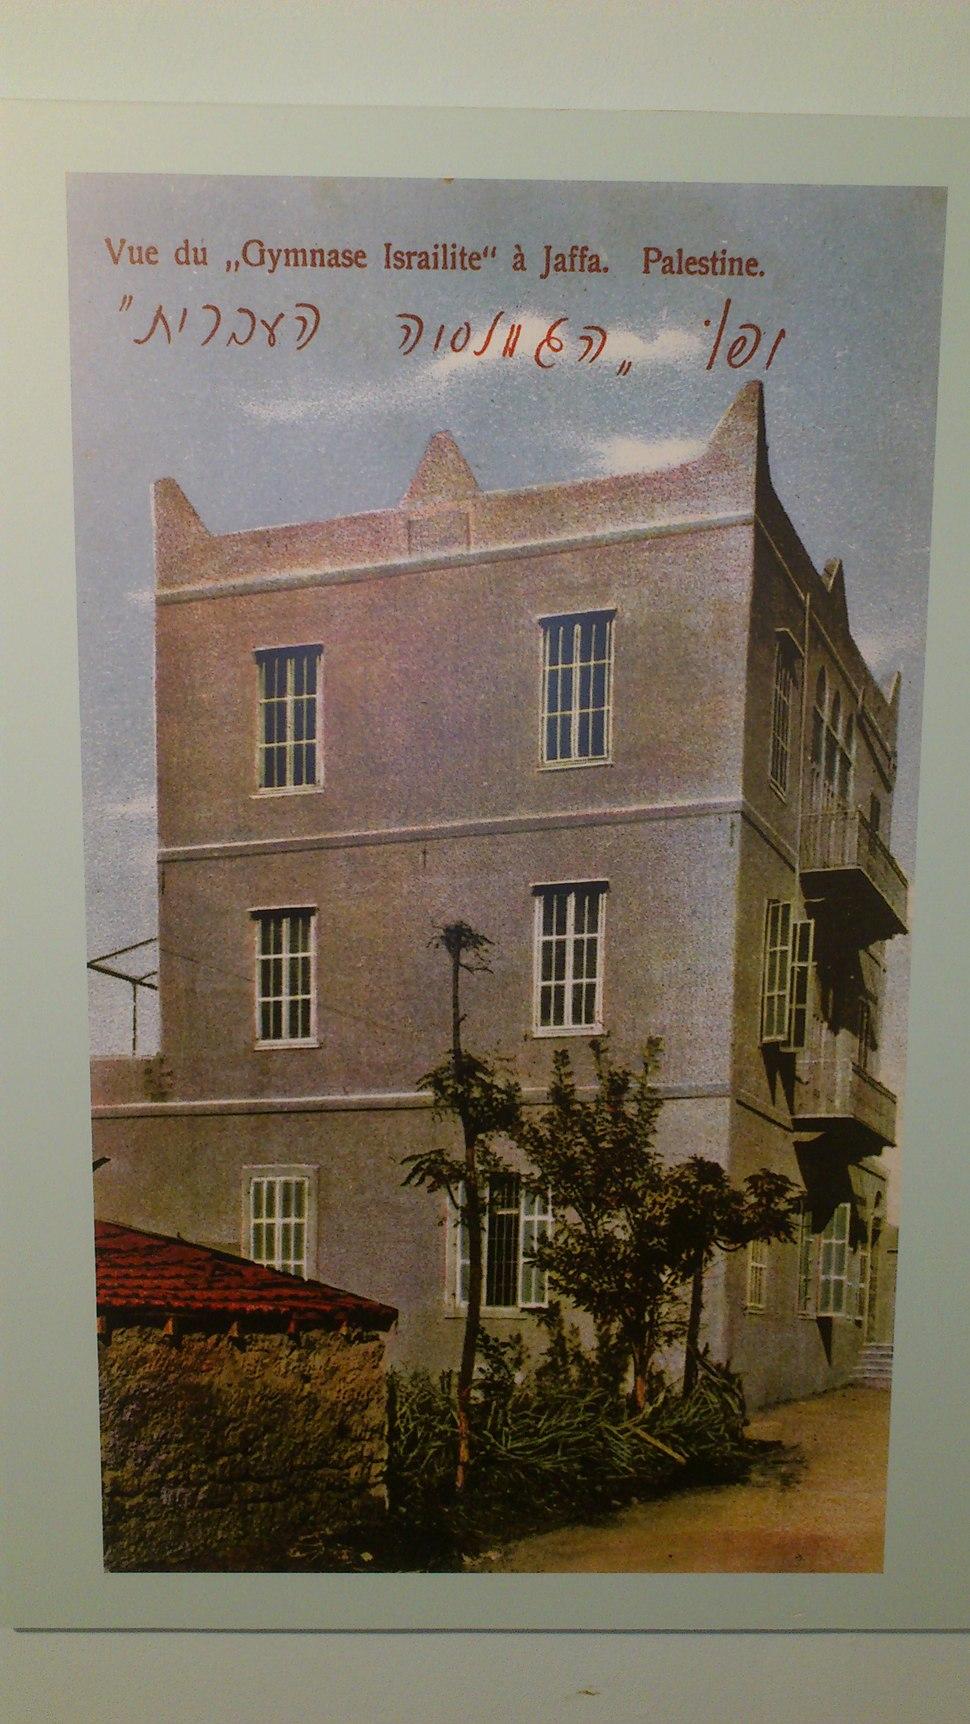 בניין הגימנסיה העברית הרצליה - יפו - 1